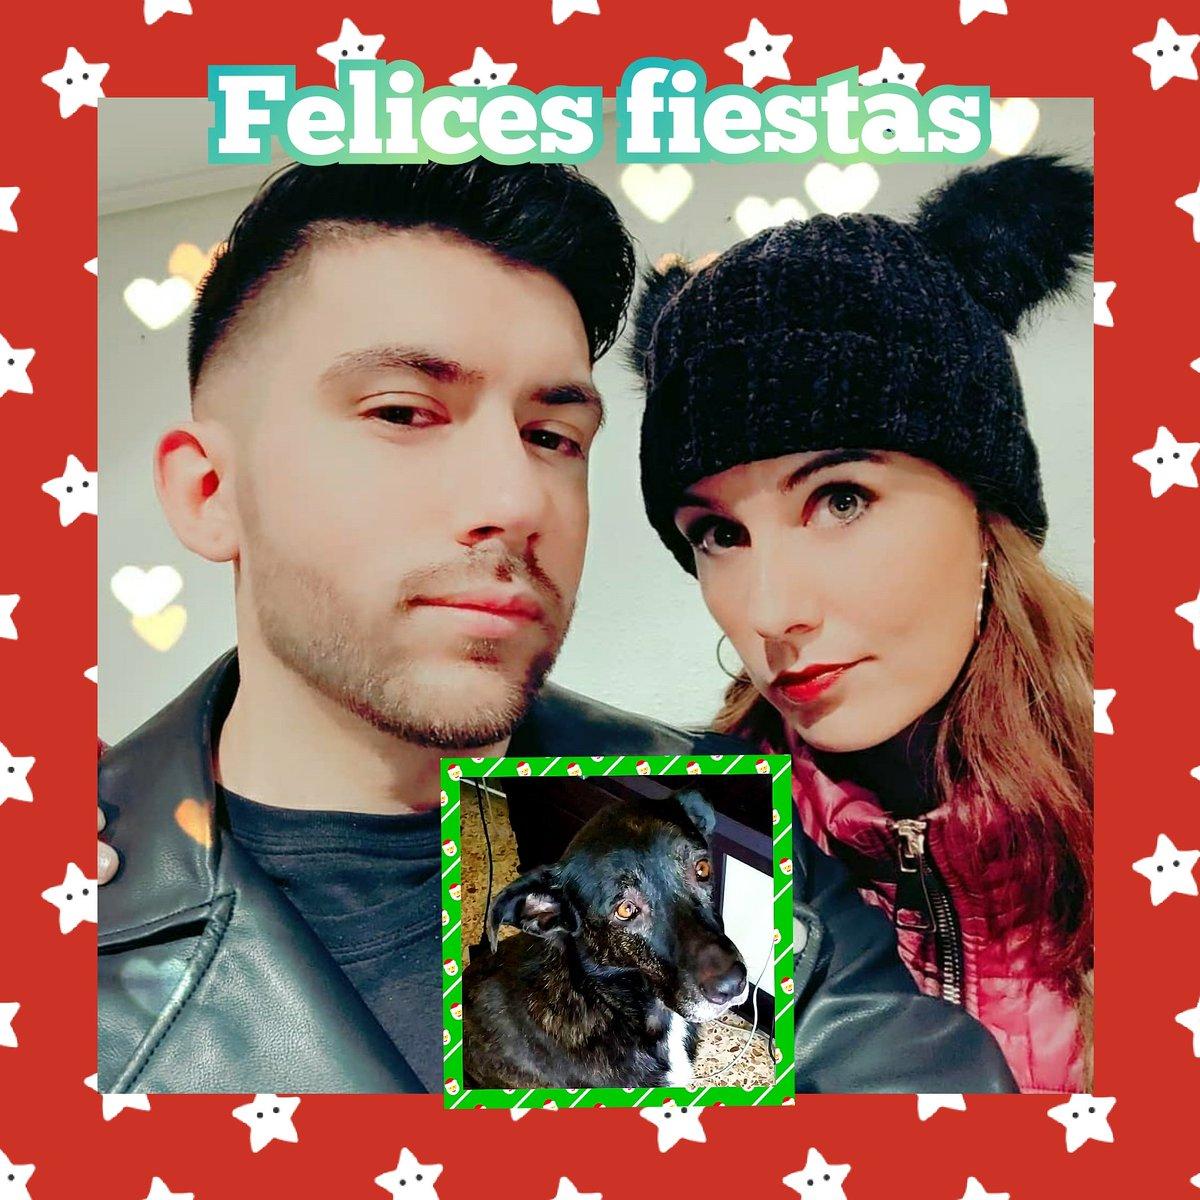 #FelicesFiestas a todo twitter! Que hoy no haya crispación en esta red social que arde a la mínima 😘😘😘 #Nochebuena #MerryChristmas #Christmas_love #Christmas #FelizNavidad #FelizNocheBuena #FelizNavidad2020